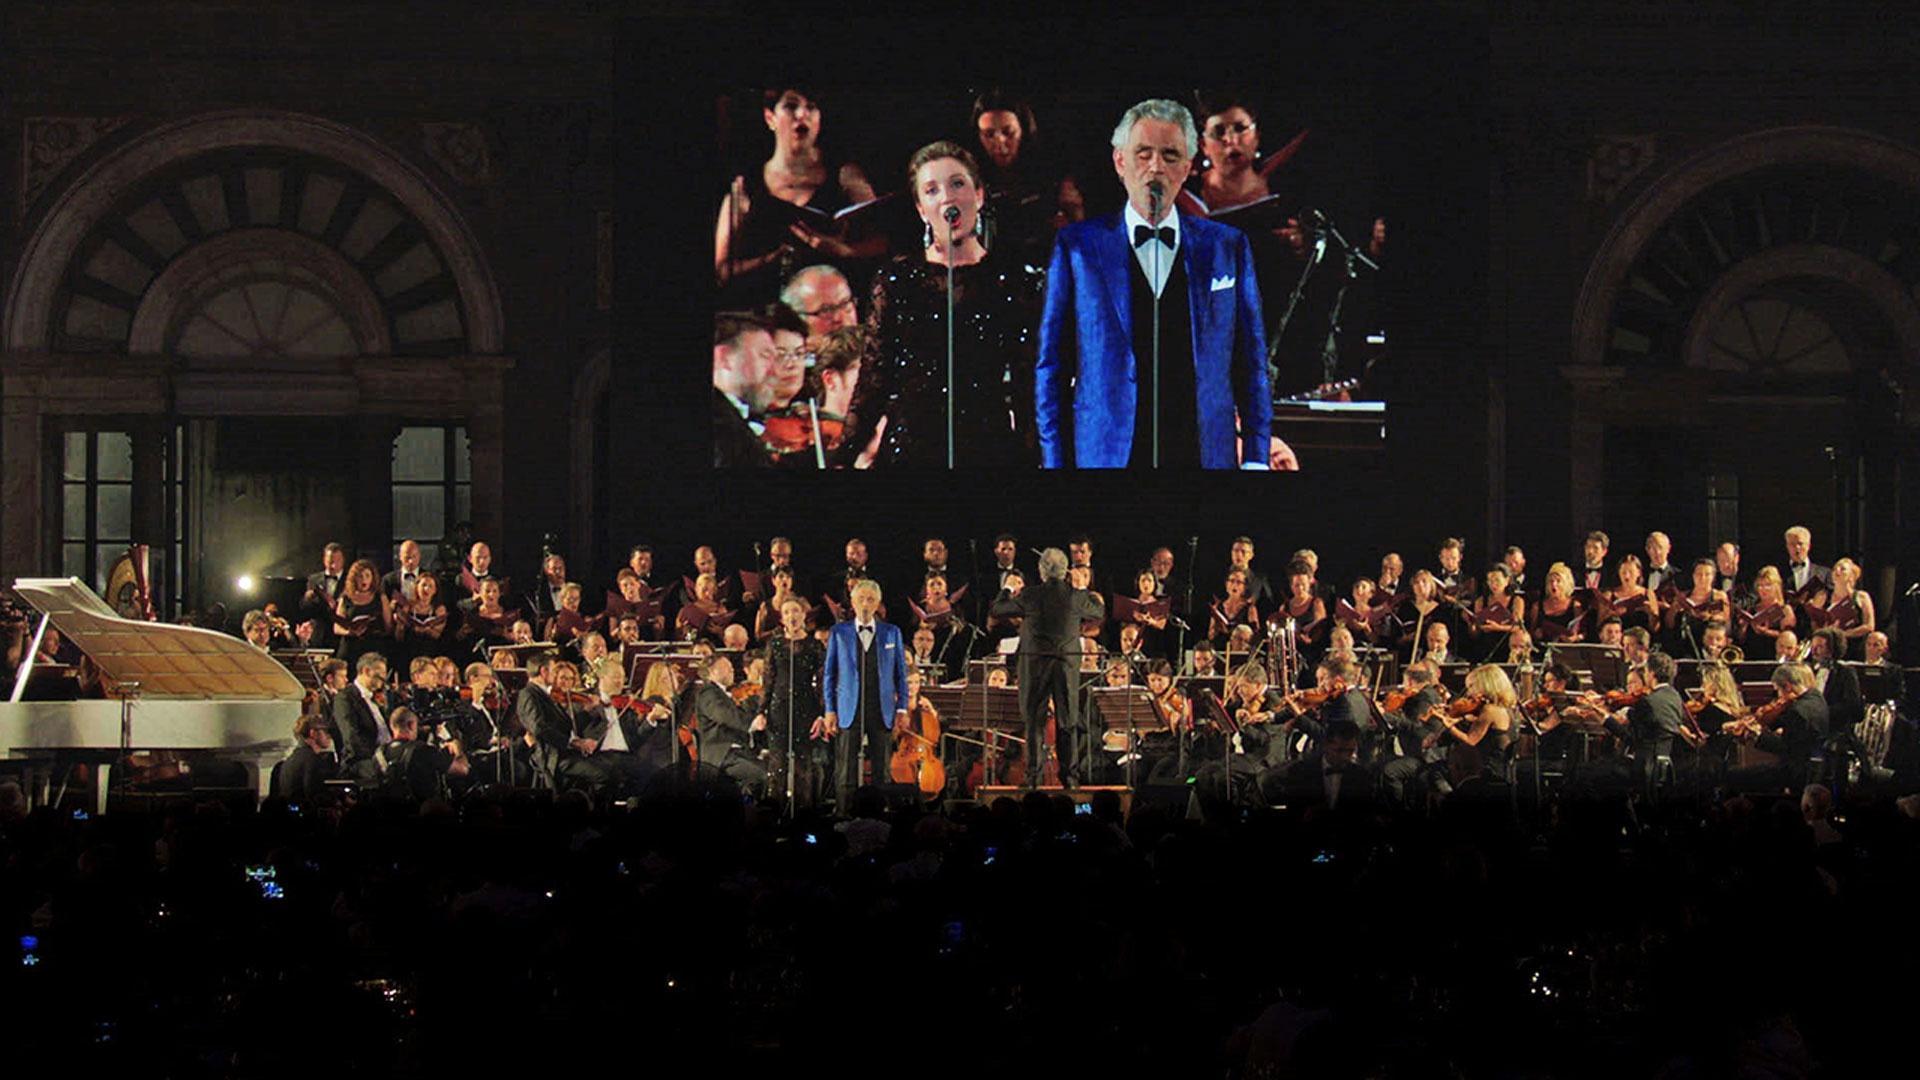 O Sole Mio - Andrea Bocelli